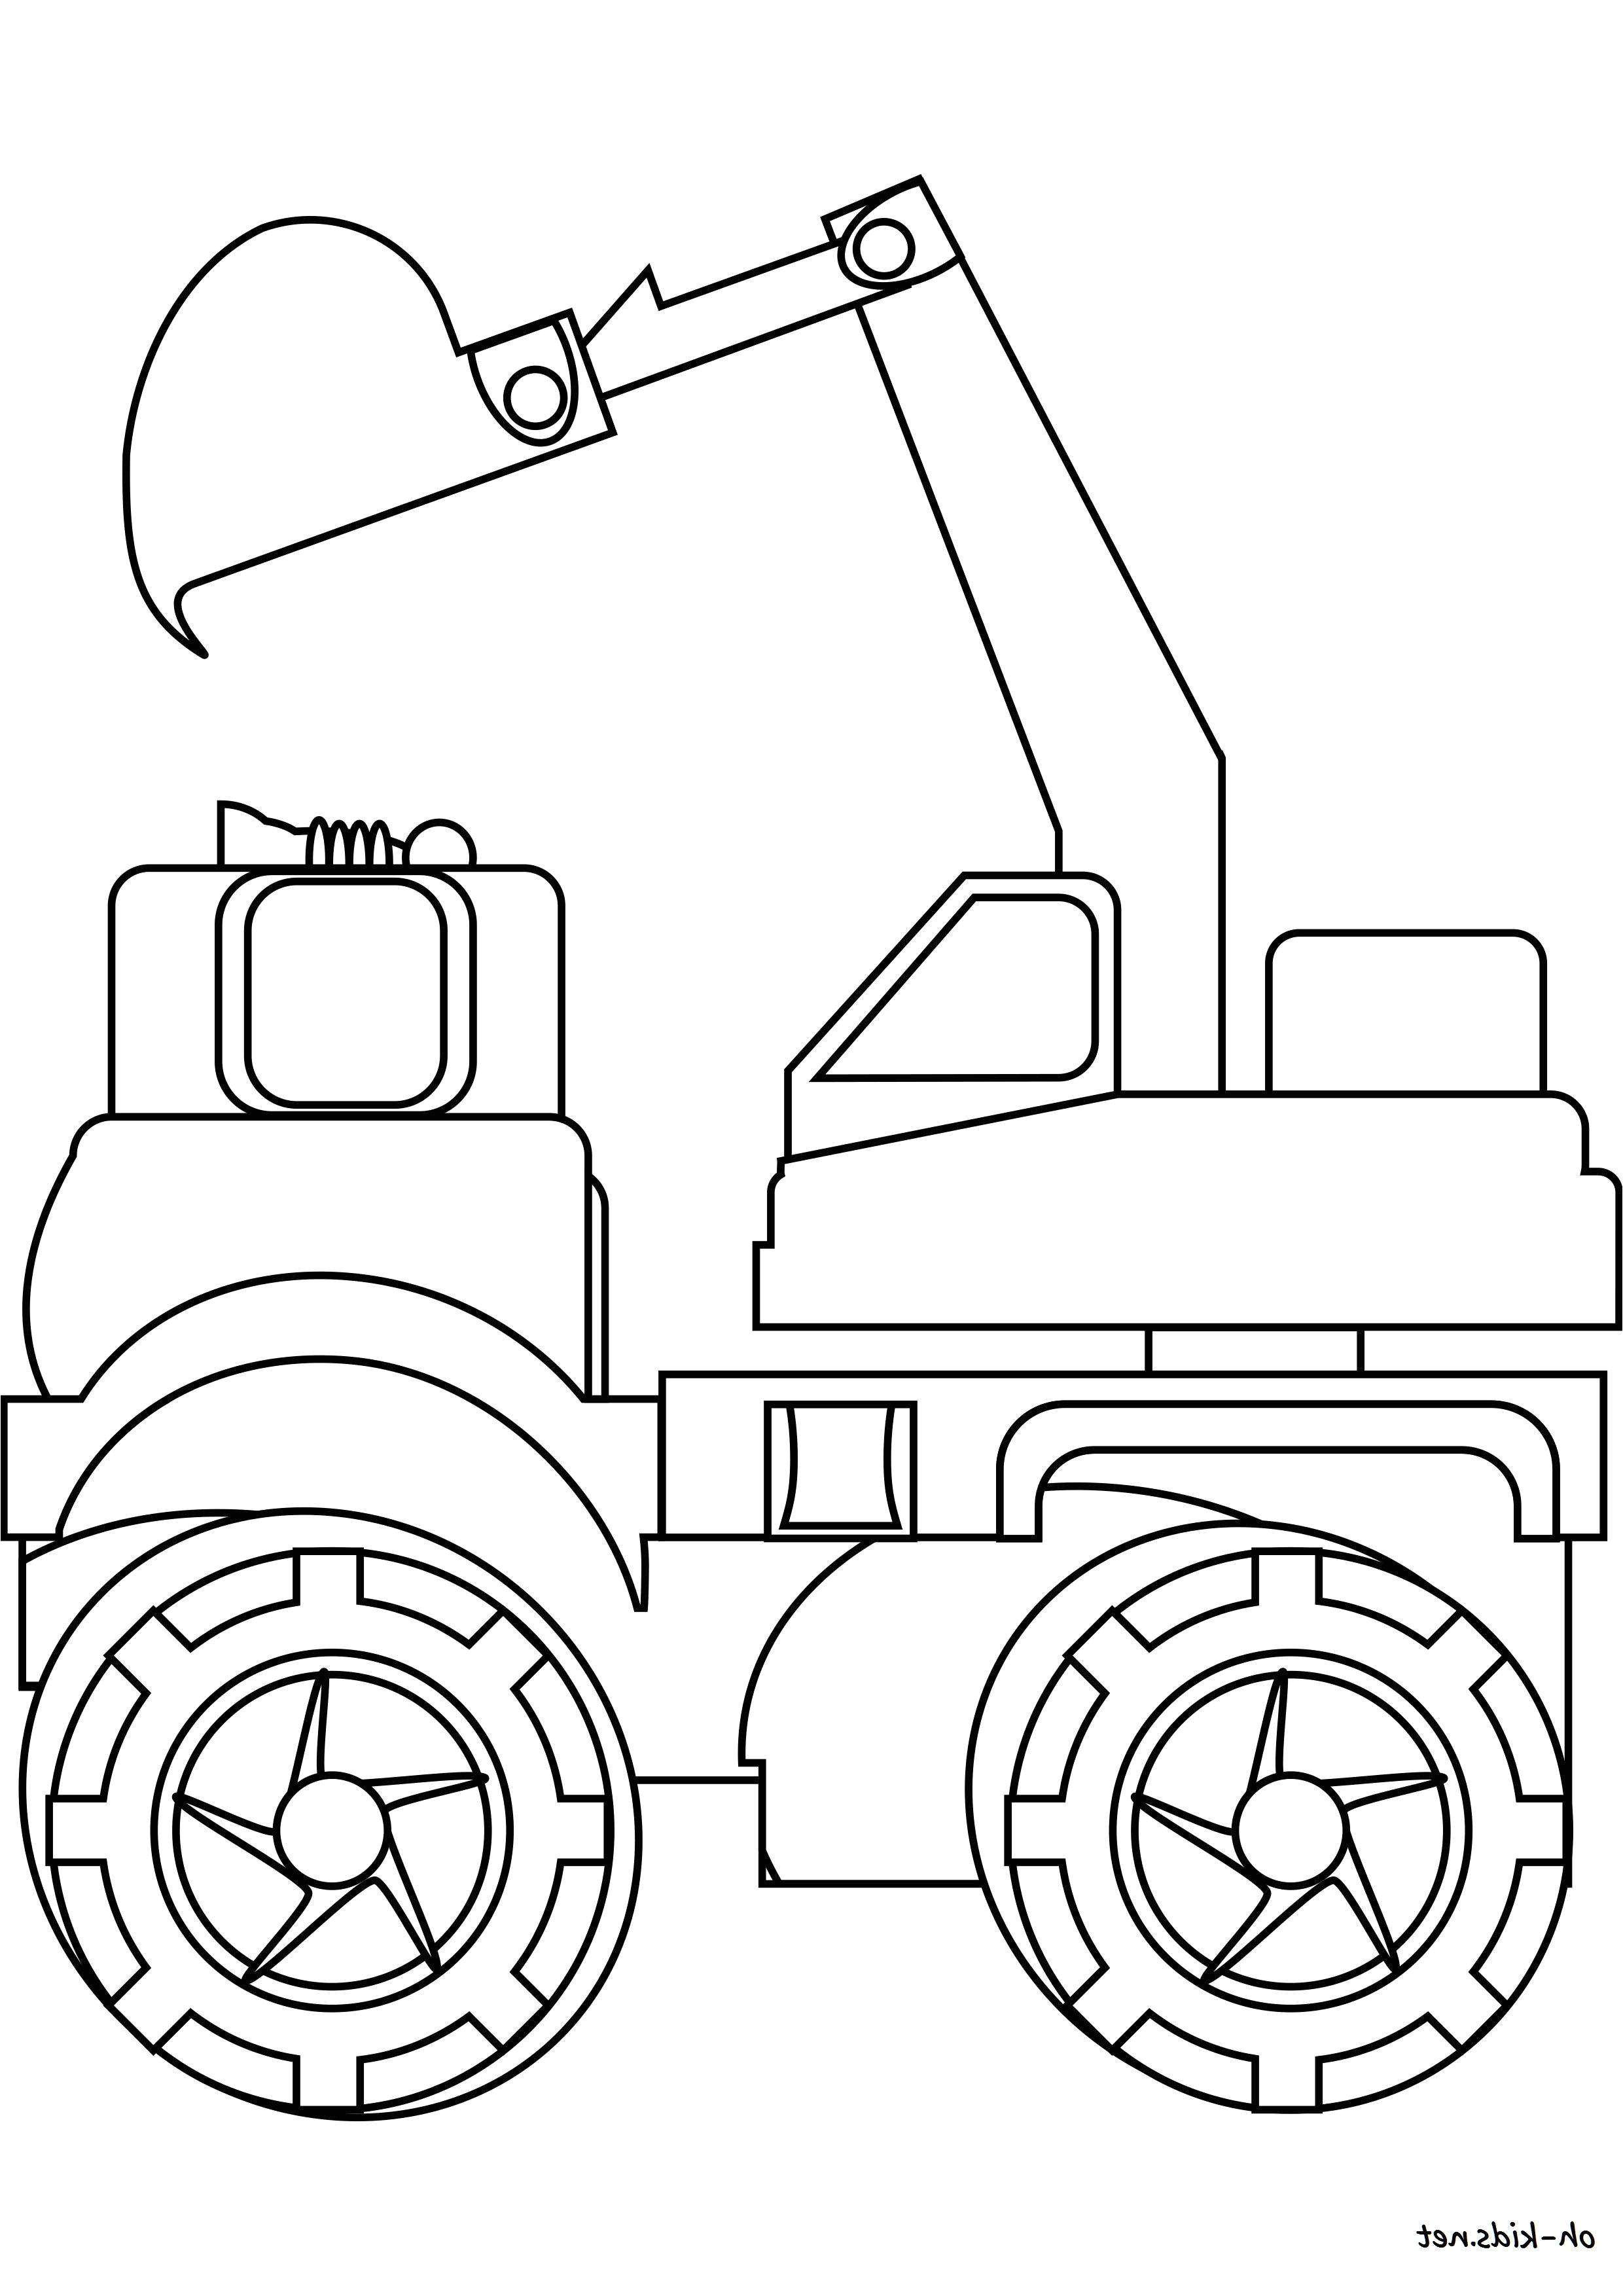 14 Unique De Coloriage Tracteur Remorque Stock Coloriage Tracteur Coloriage Minion Coloriage